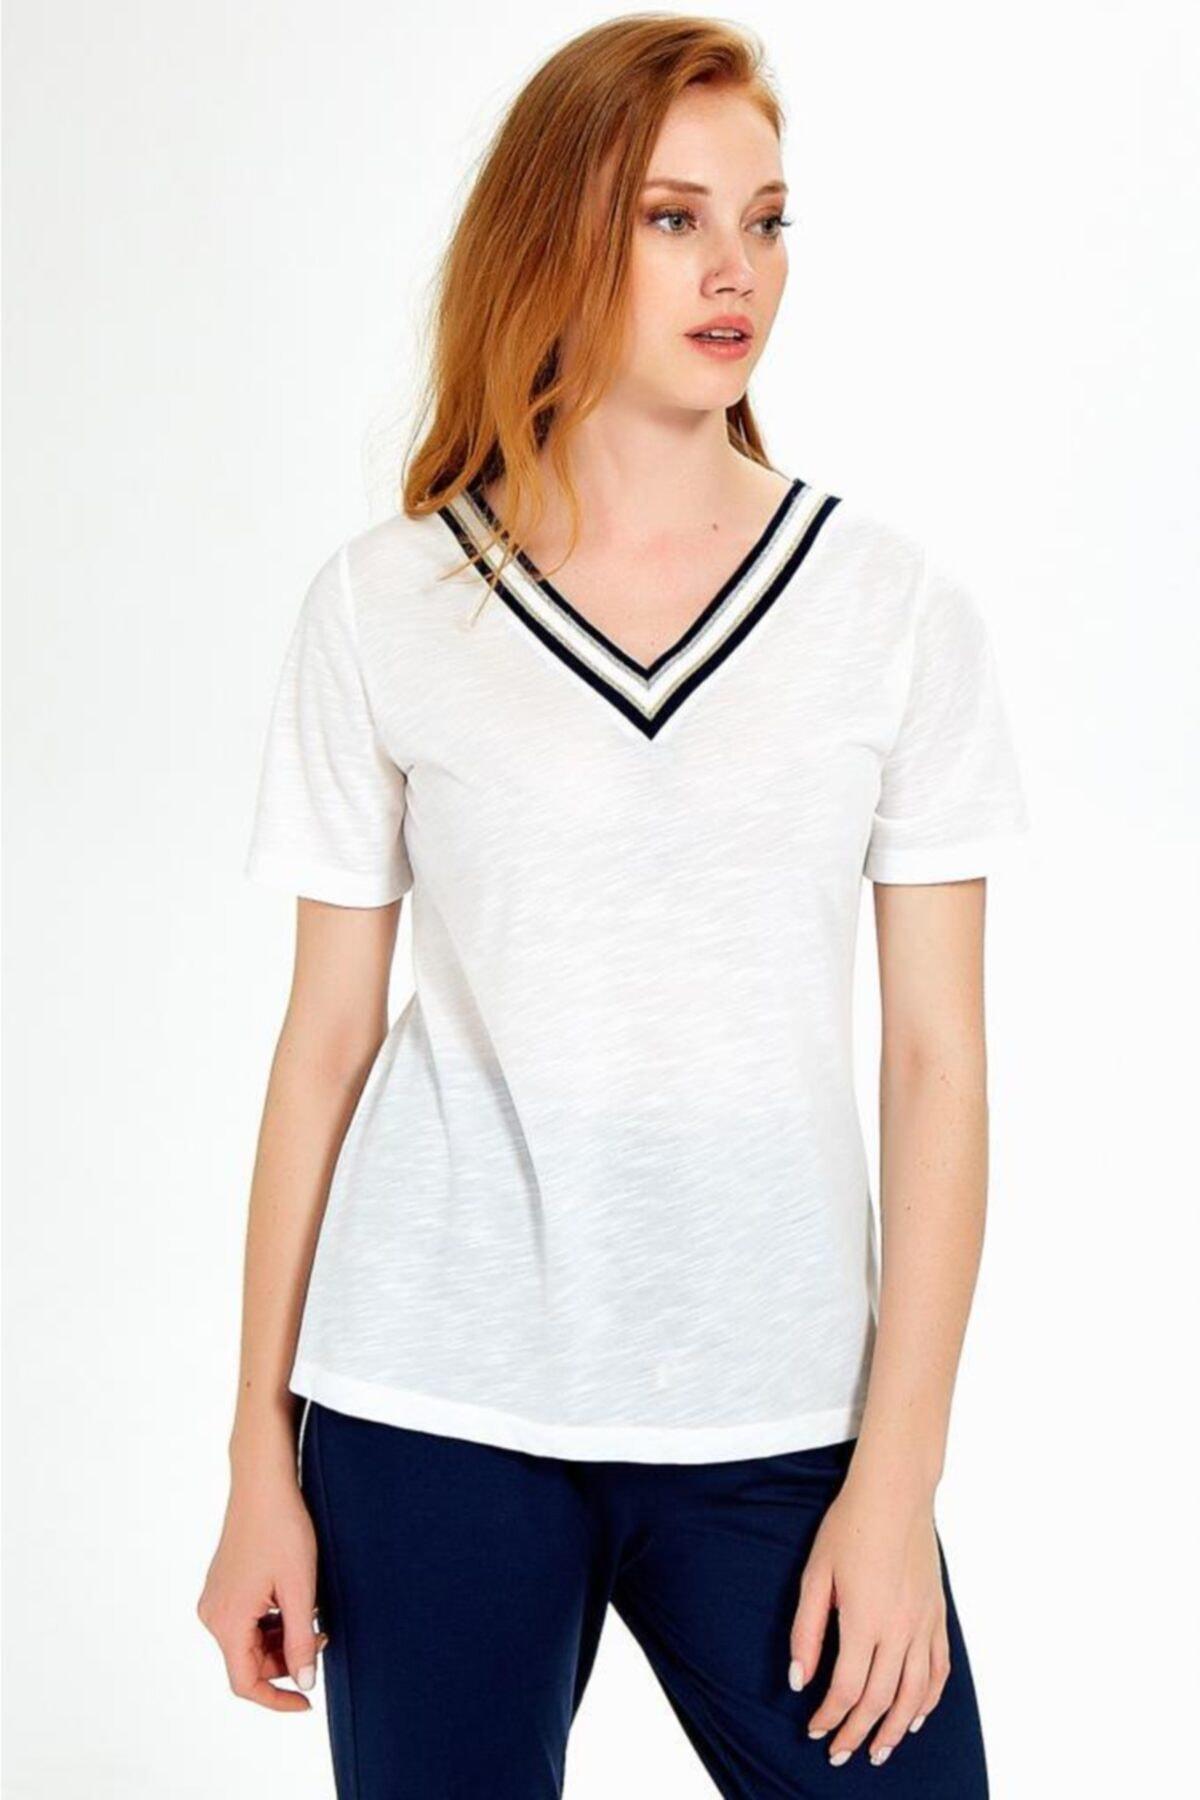 İKİLER Kadın Kırık Beyaz Yakası Sim Bantlı Kısa Kol Flam Bluz 1